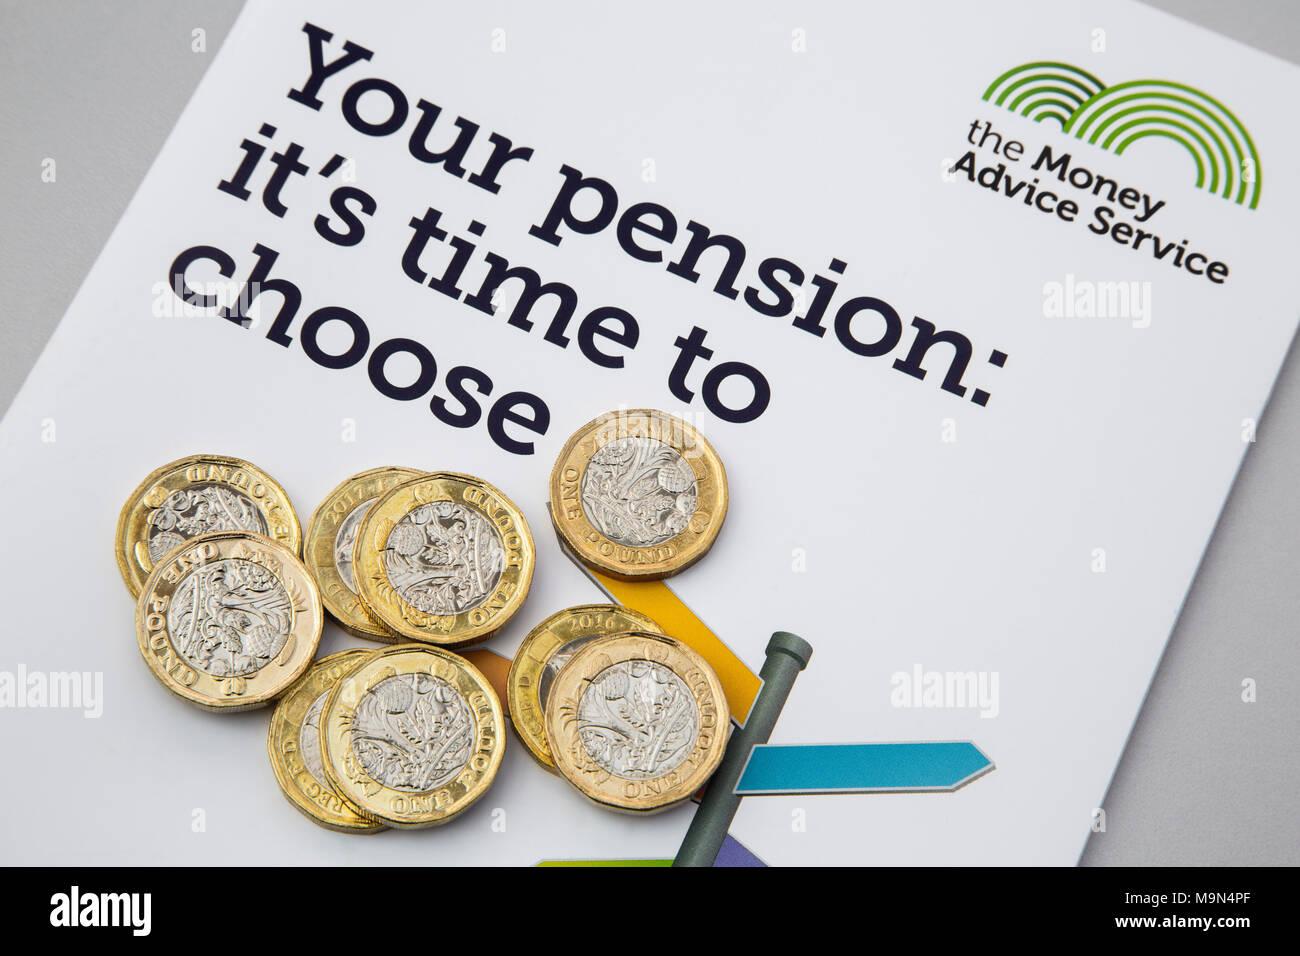 La nouvelle pièces livre sterling GBP livres sur un livret de conseils d'argent Votre pension sur le choix de prestations de retraite. Angleterre Royaume-uni Grande-Bretagne Photo Stock